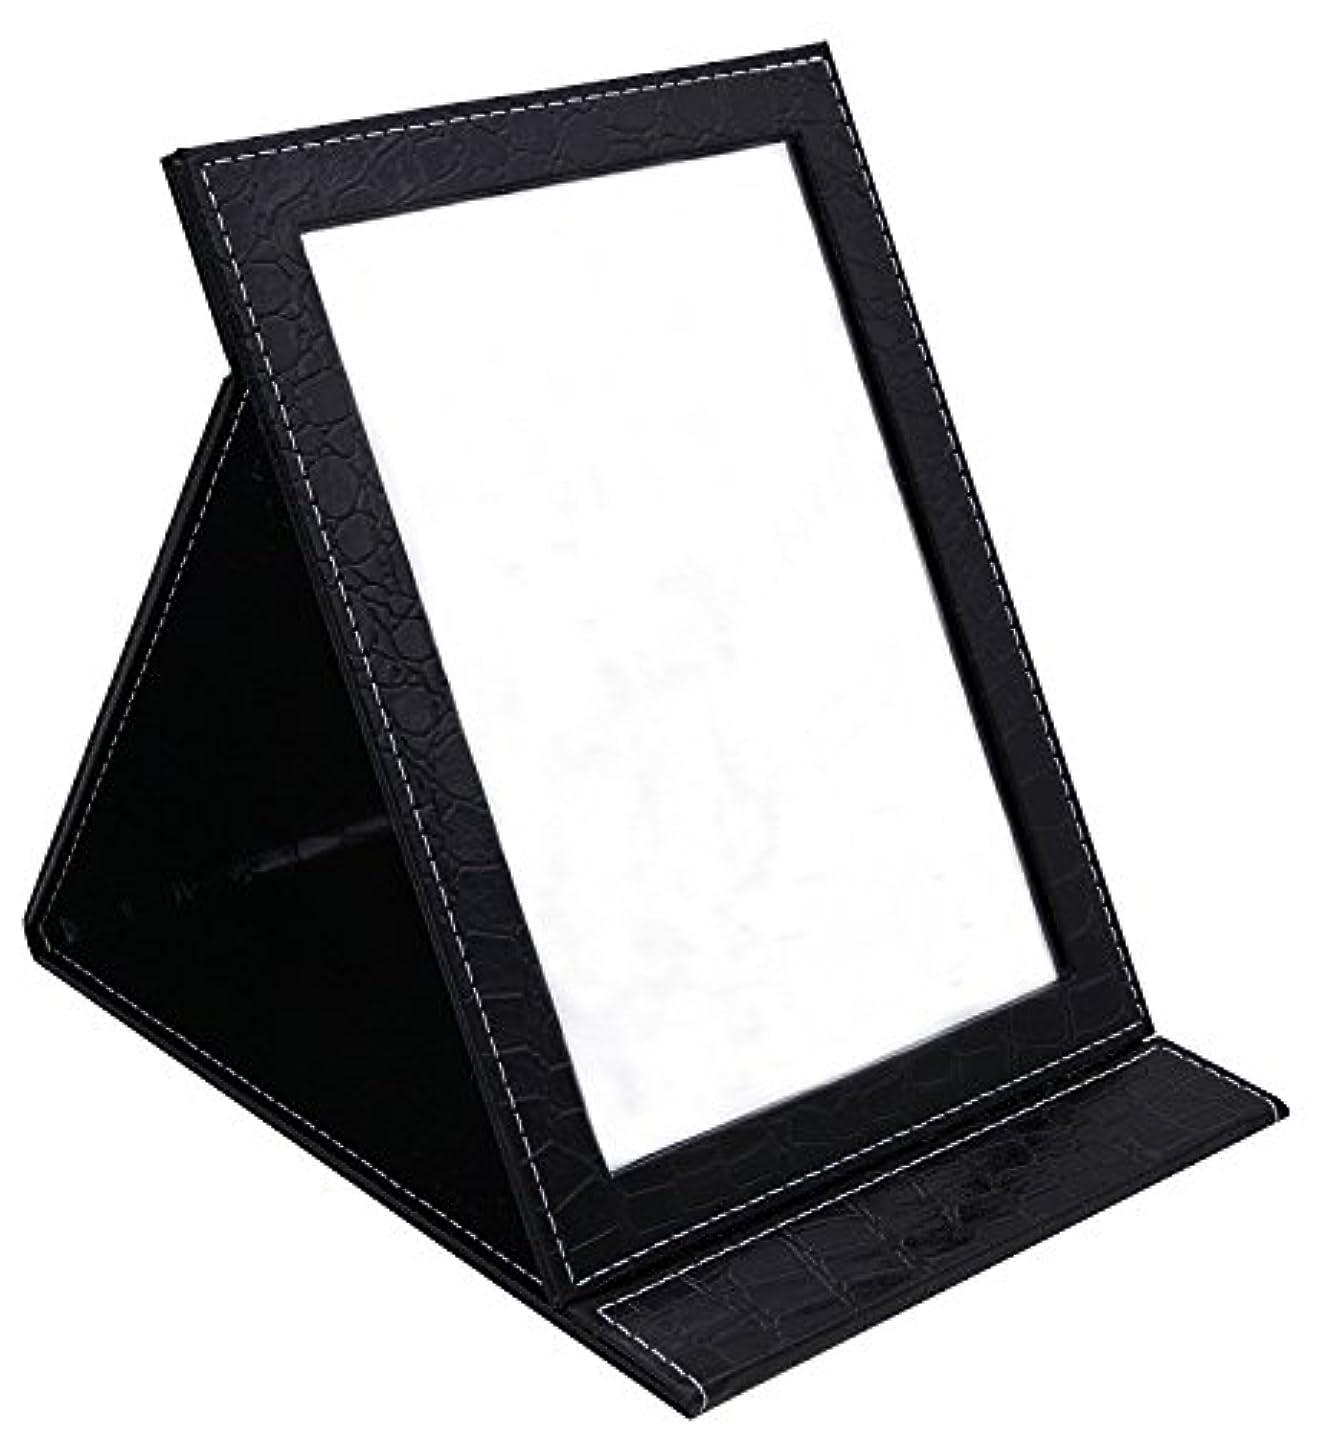 一フリルプレミアHAPPY CY 化粧鏡 折りたたみ式鏡 スタンドミラー 卓上スタンドミラー  携帯 鏡 クロコ柄 プレゼント  上質PUレザー使用